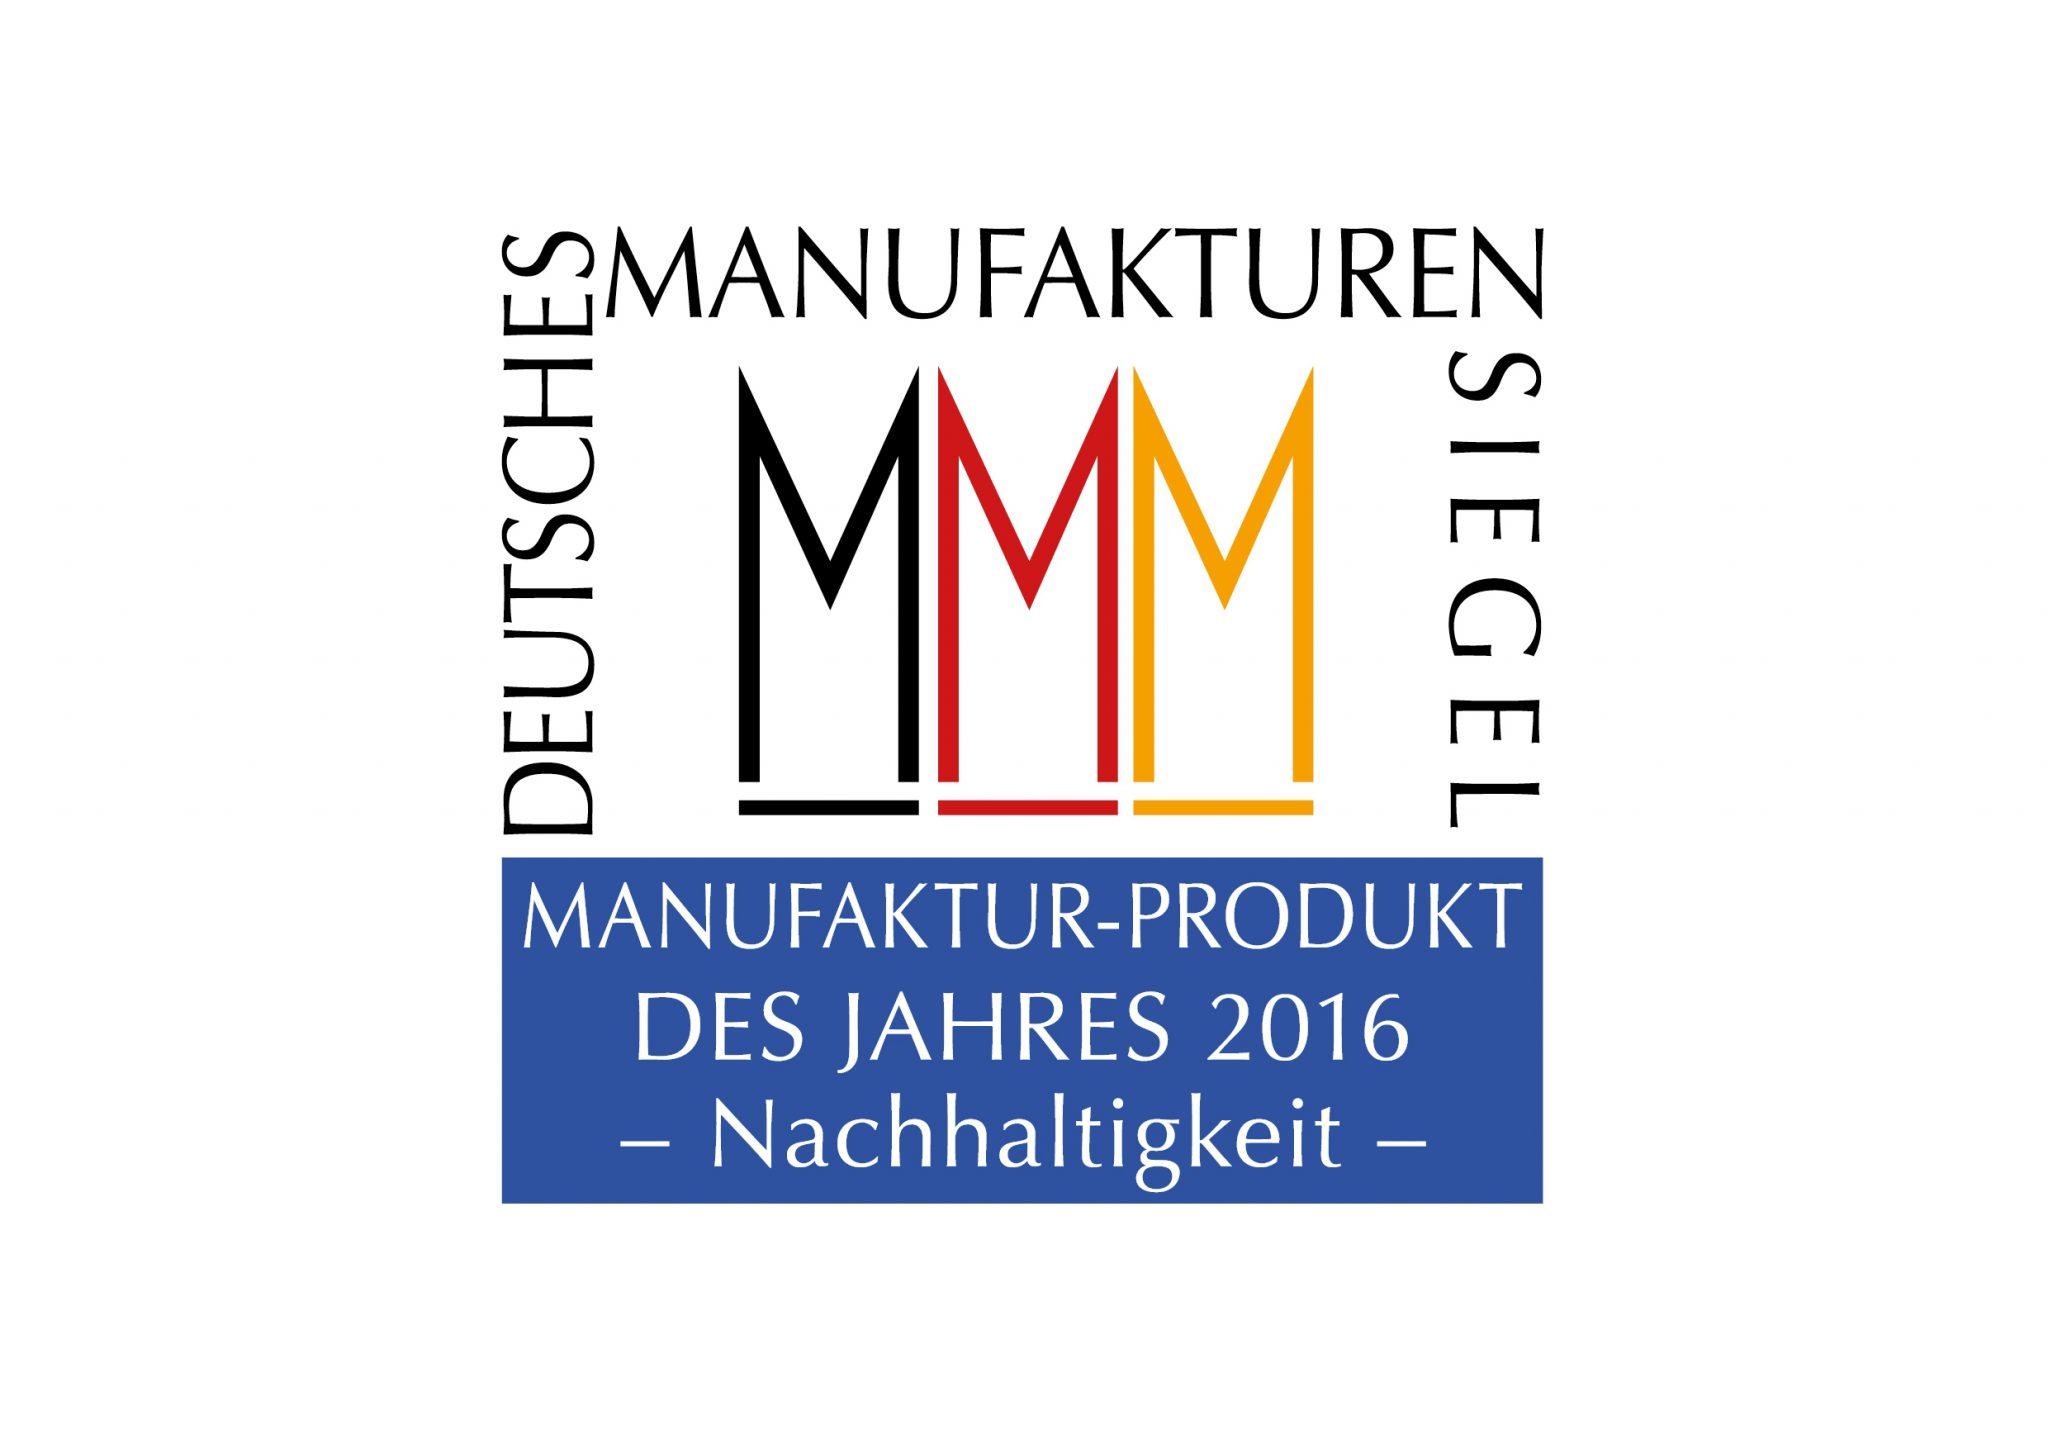 Manufaktur-Produkt des Jahres 2016 - Nachhaltigkeit